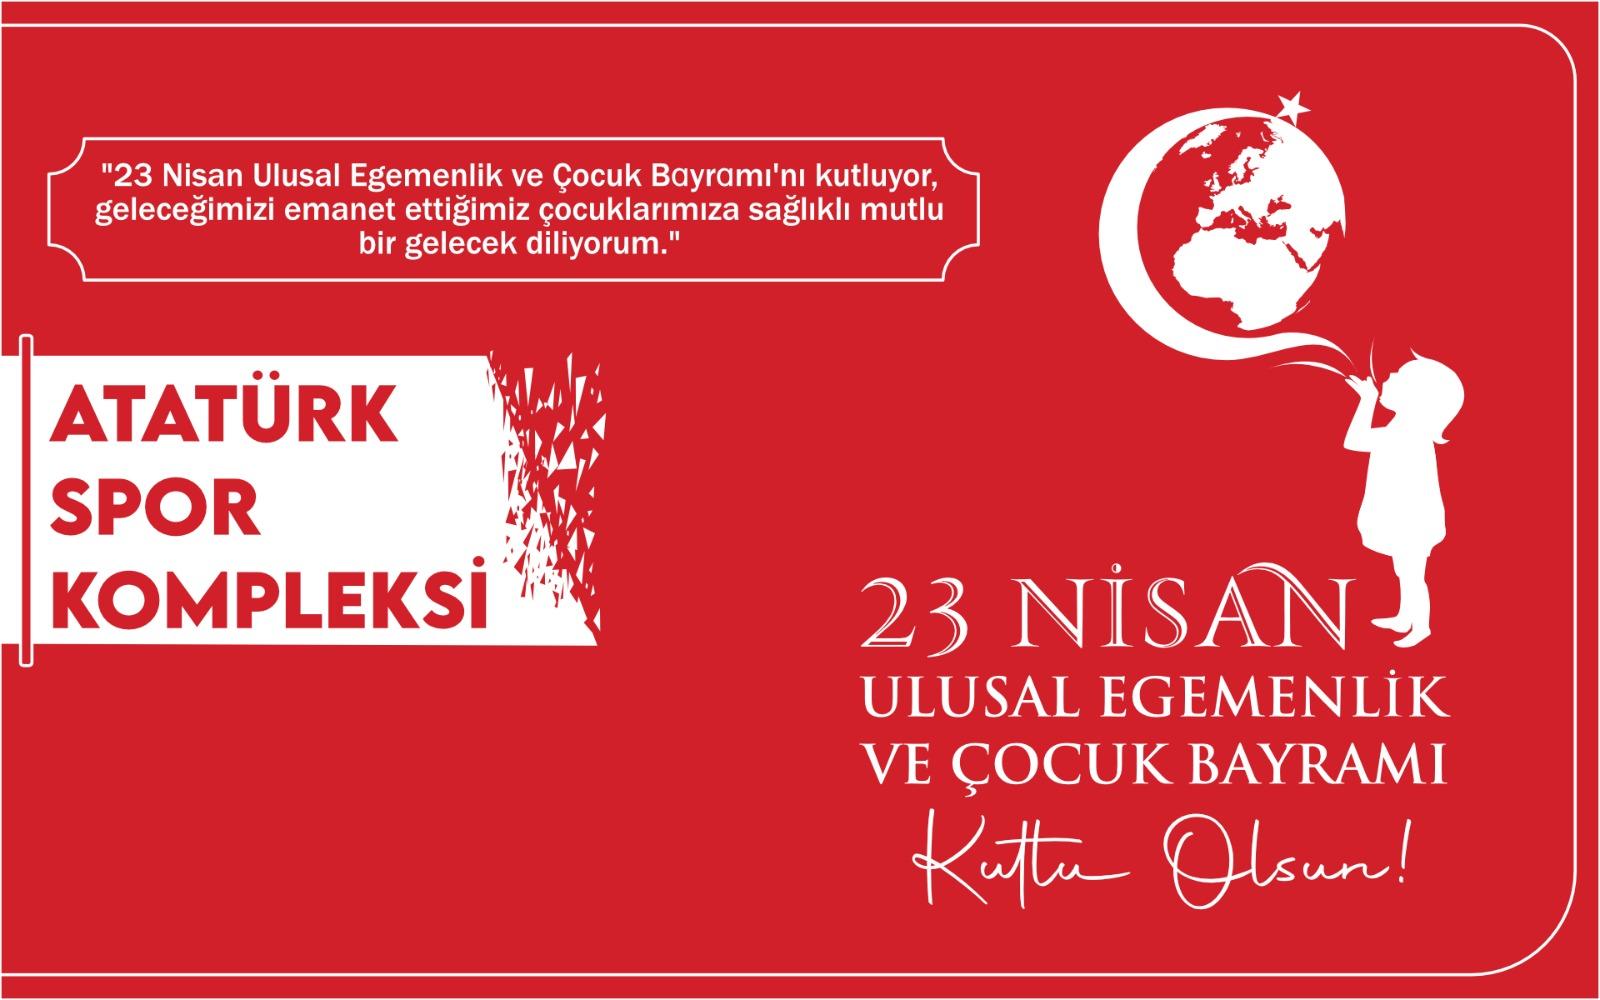 Atatürk Spor Kompleksin'den Kutlama mesajı